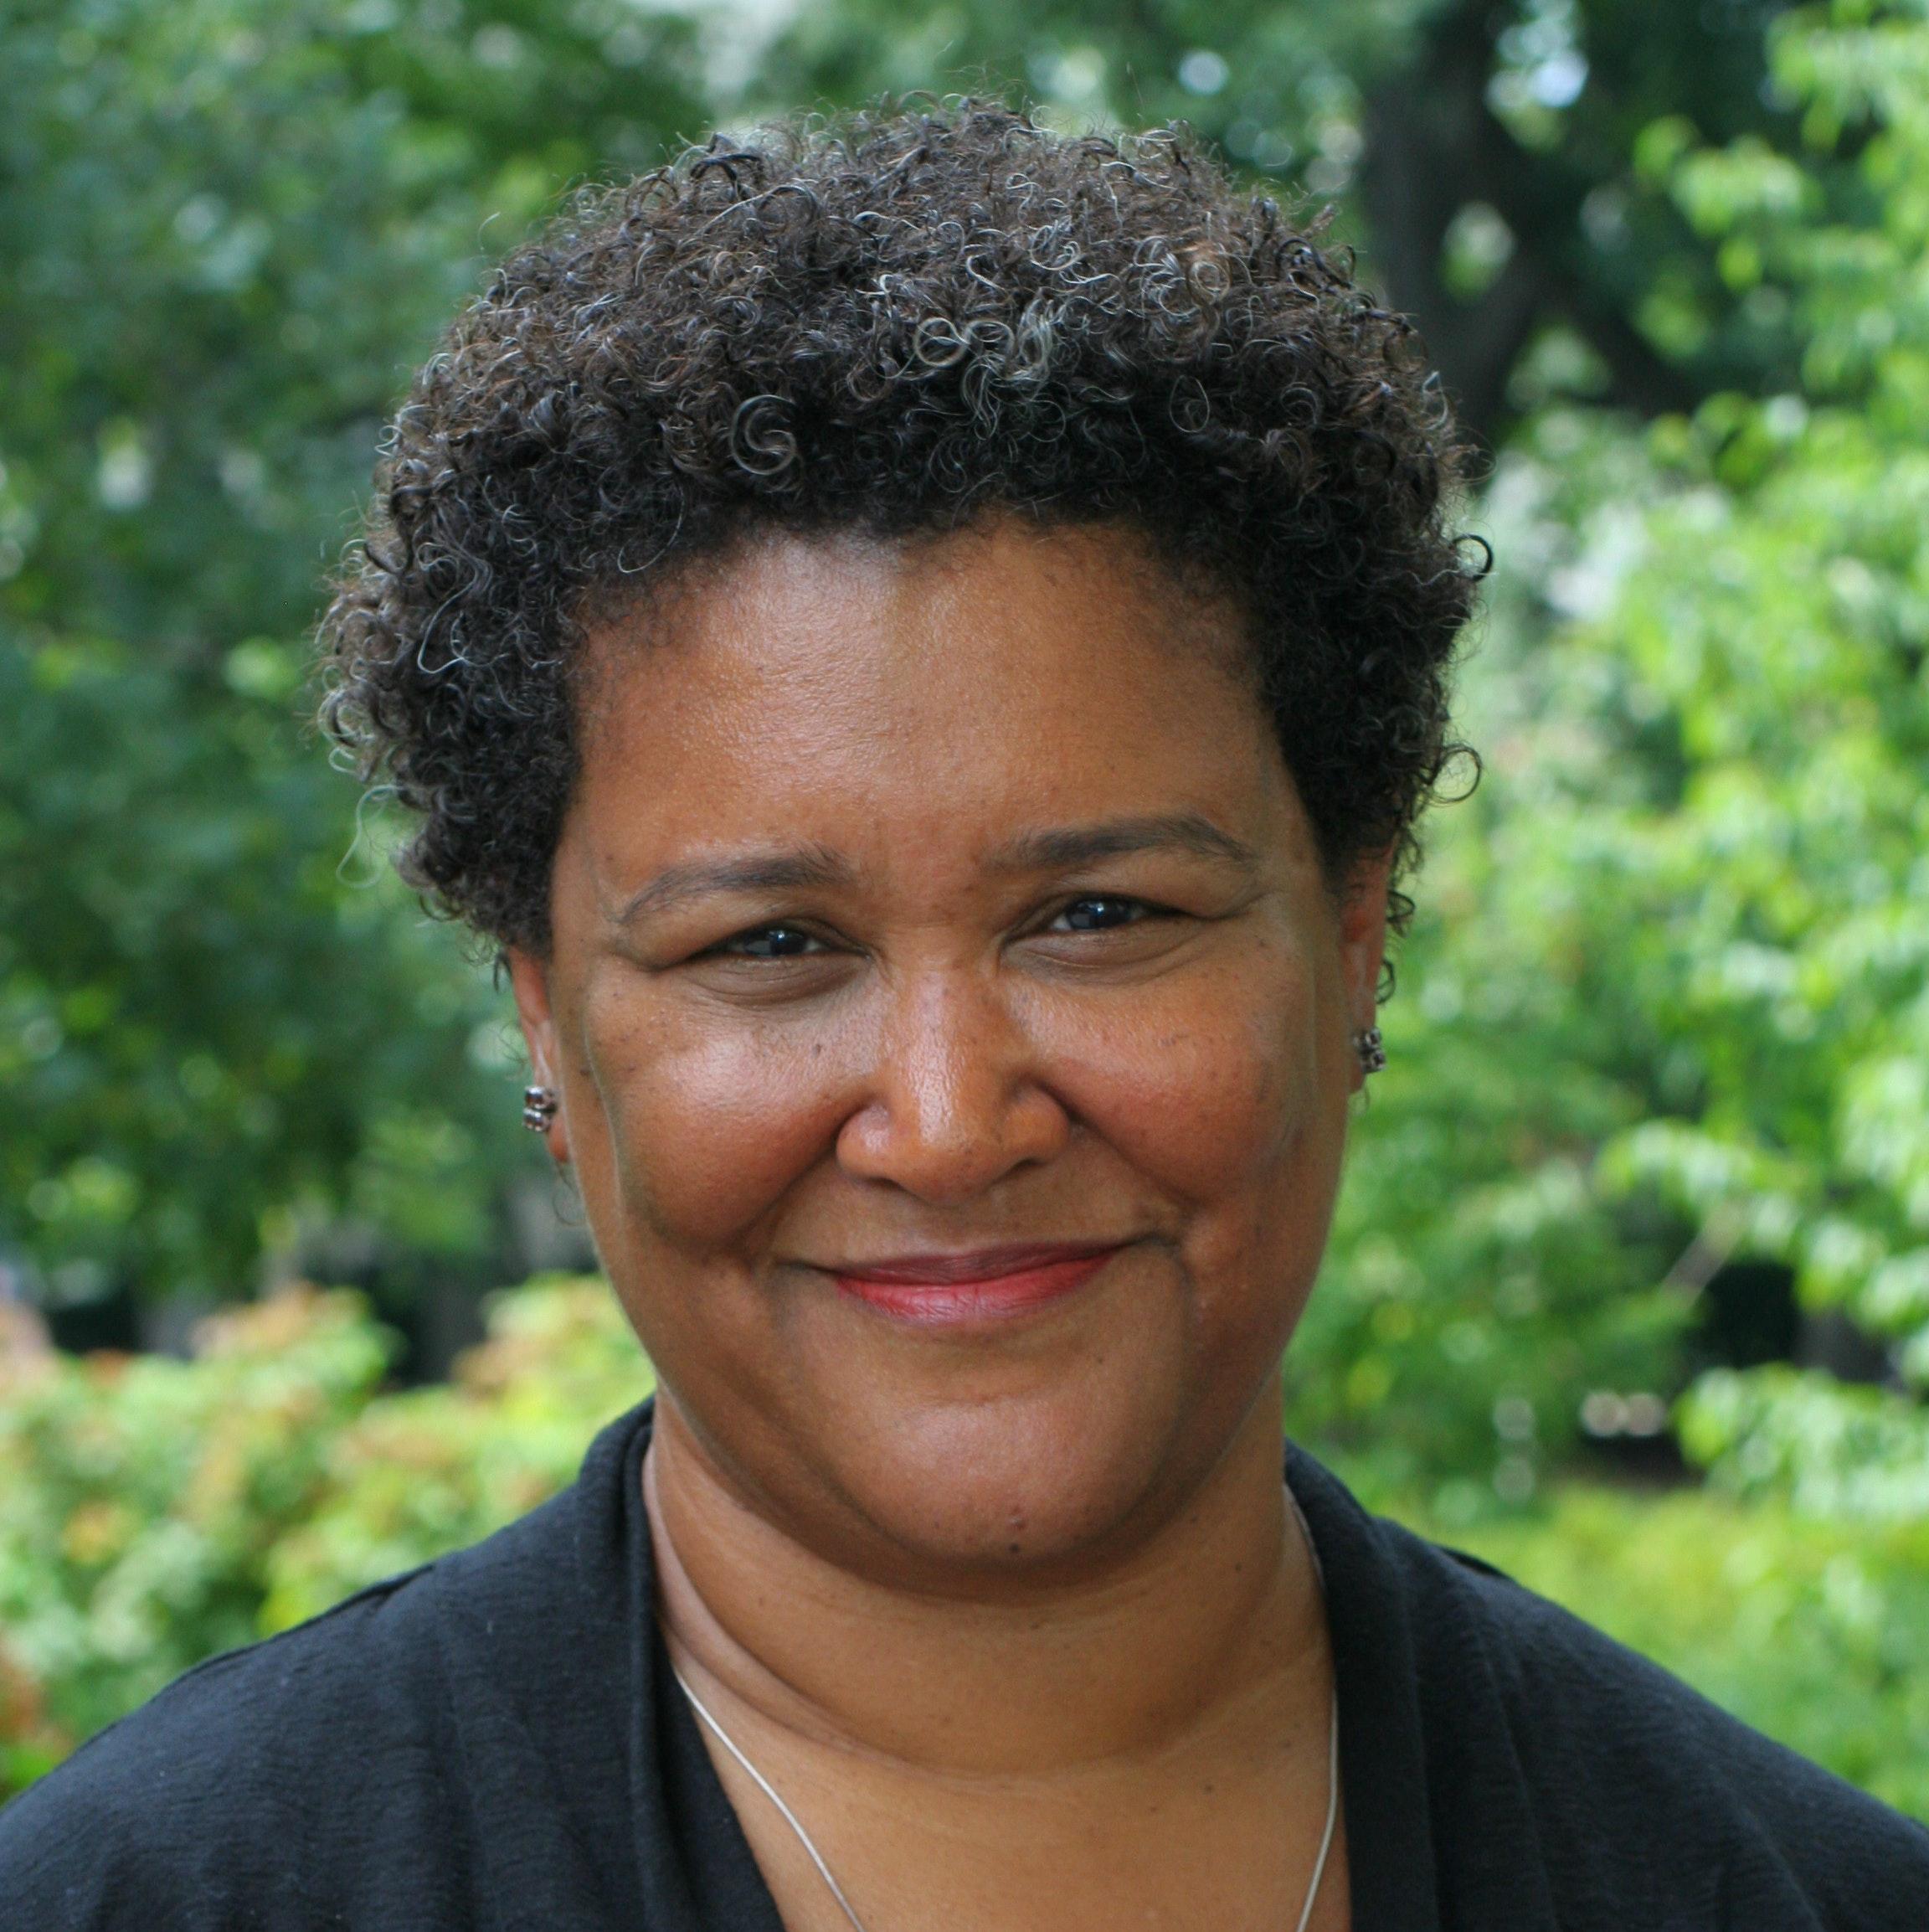 Headshot of Leslie M. Harris